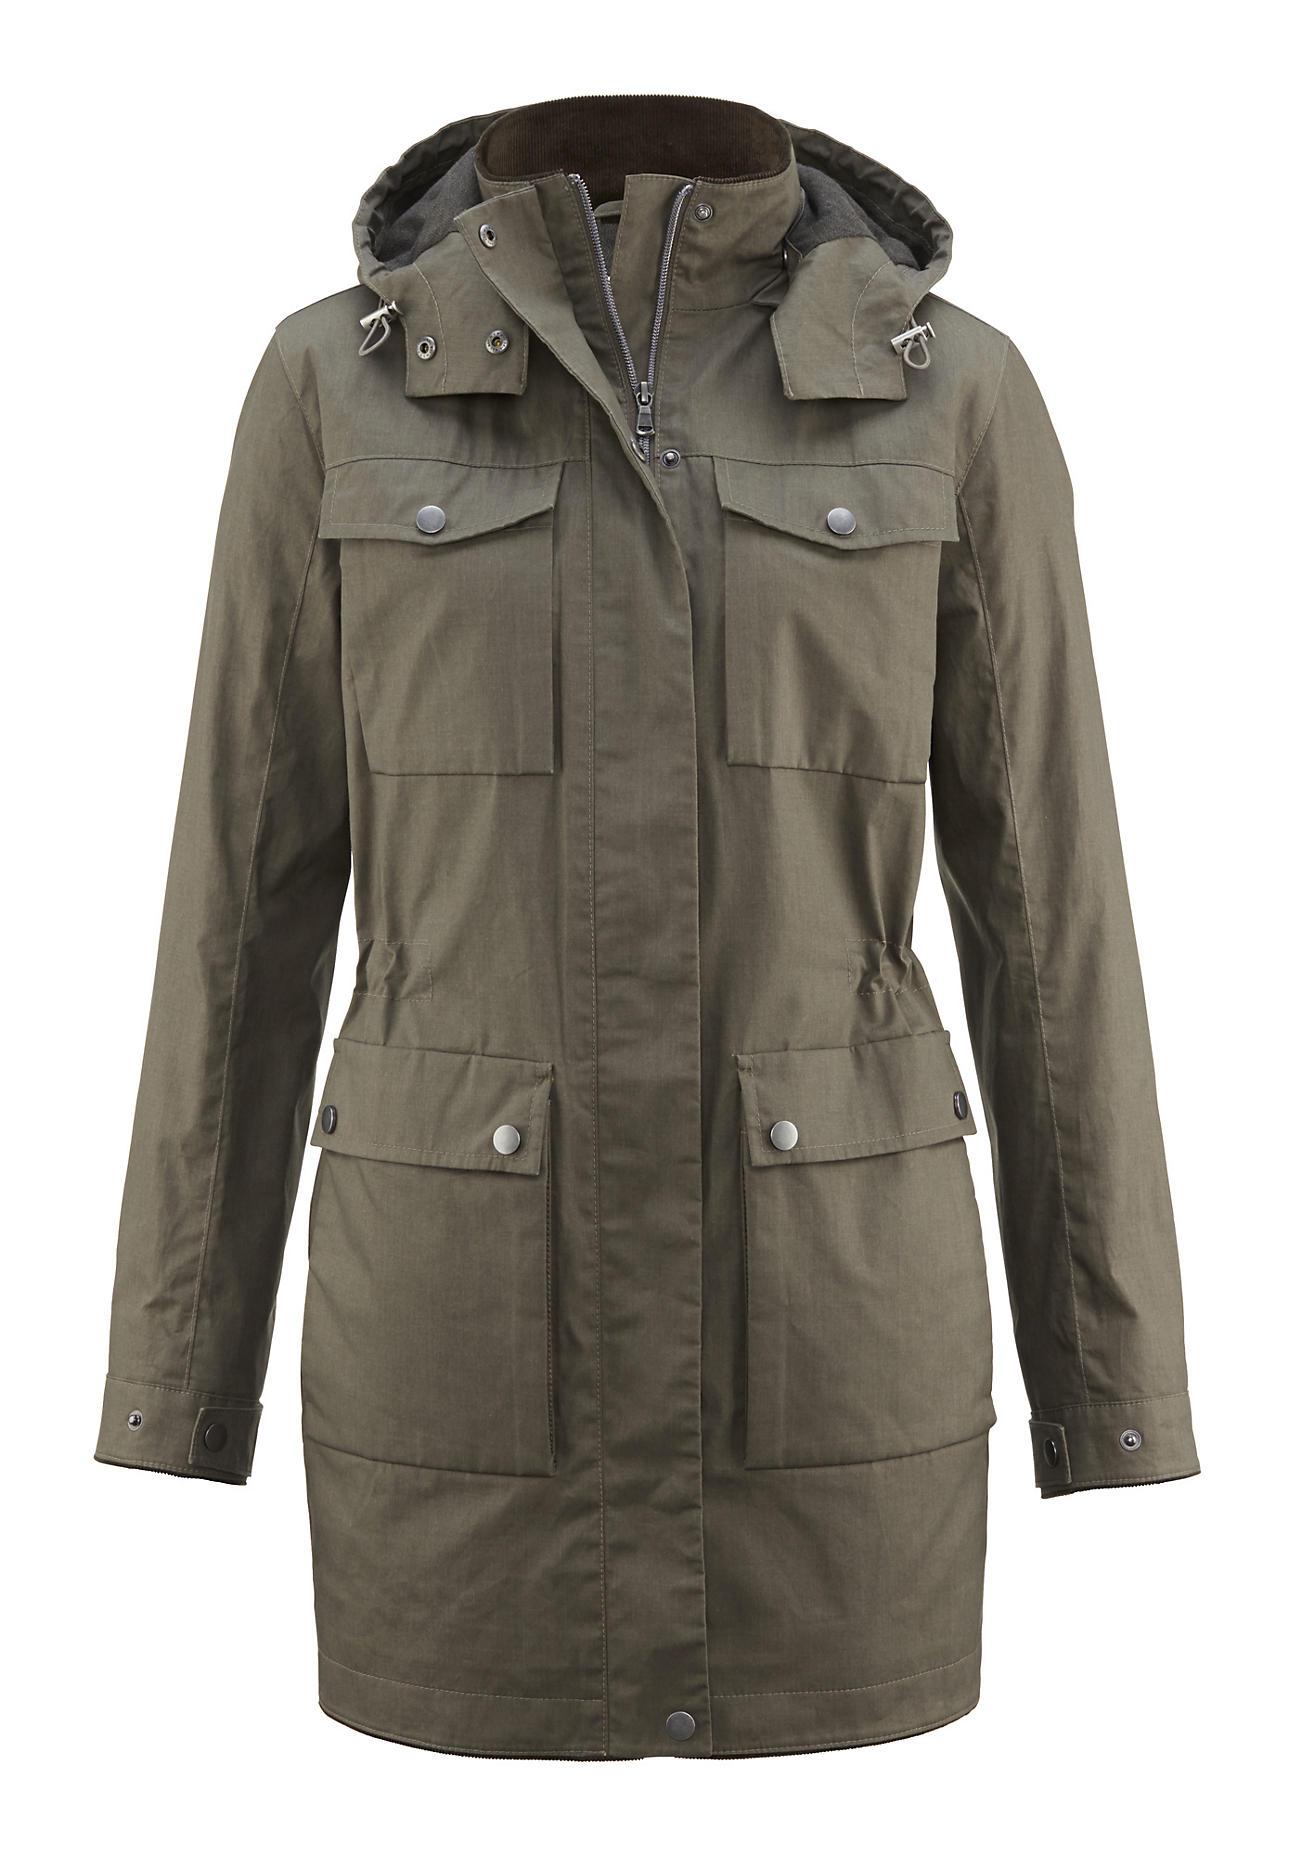 hessnatur Outdoor Damen Wachsjacke aus Bio-Baumwolle – grün – Größe 48